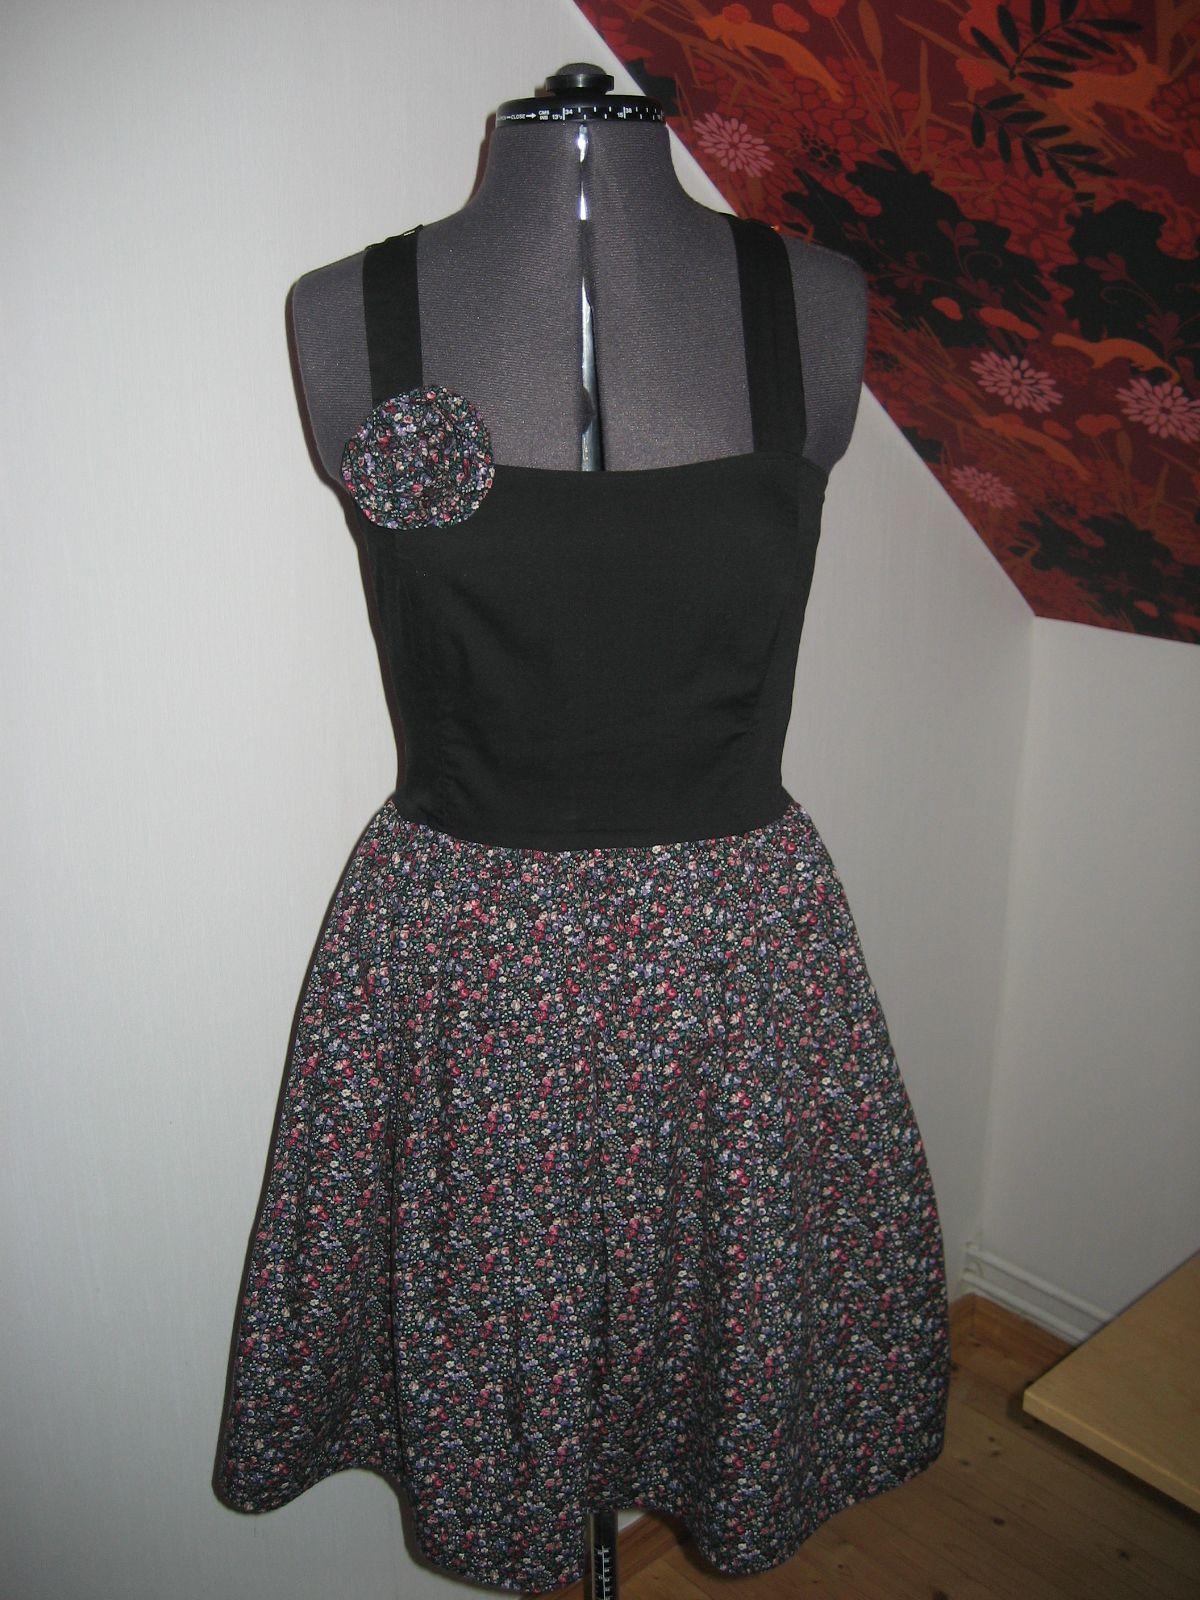 bc4ba450e4a7 sy en klänning steg för steg - Sök på Google | Projekt att testa ...